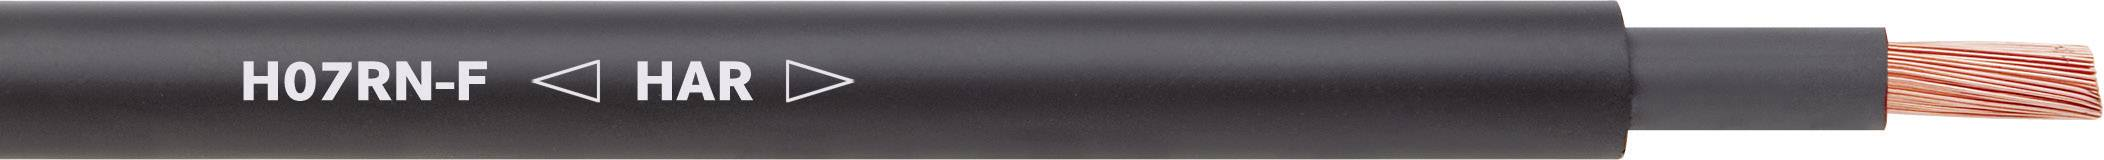 Připojovací kabel LAPP H07RN-F, 1600103, 3 G 1.50 mm², černá, 100 m